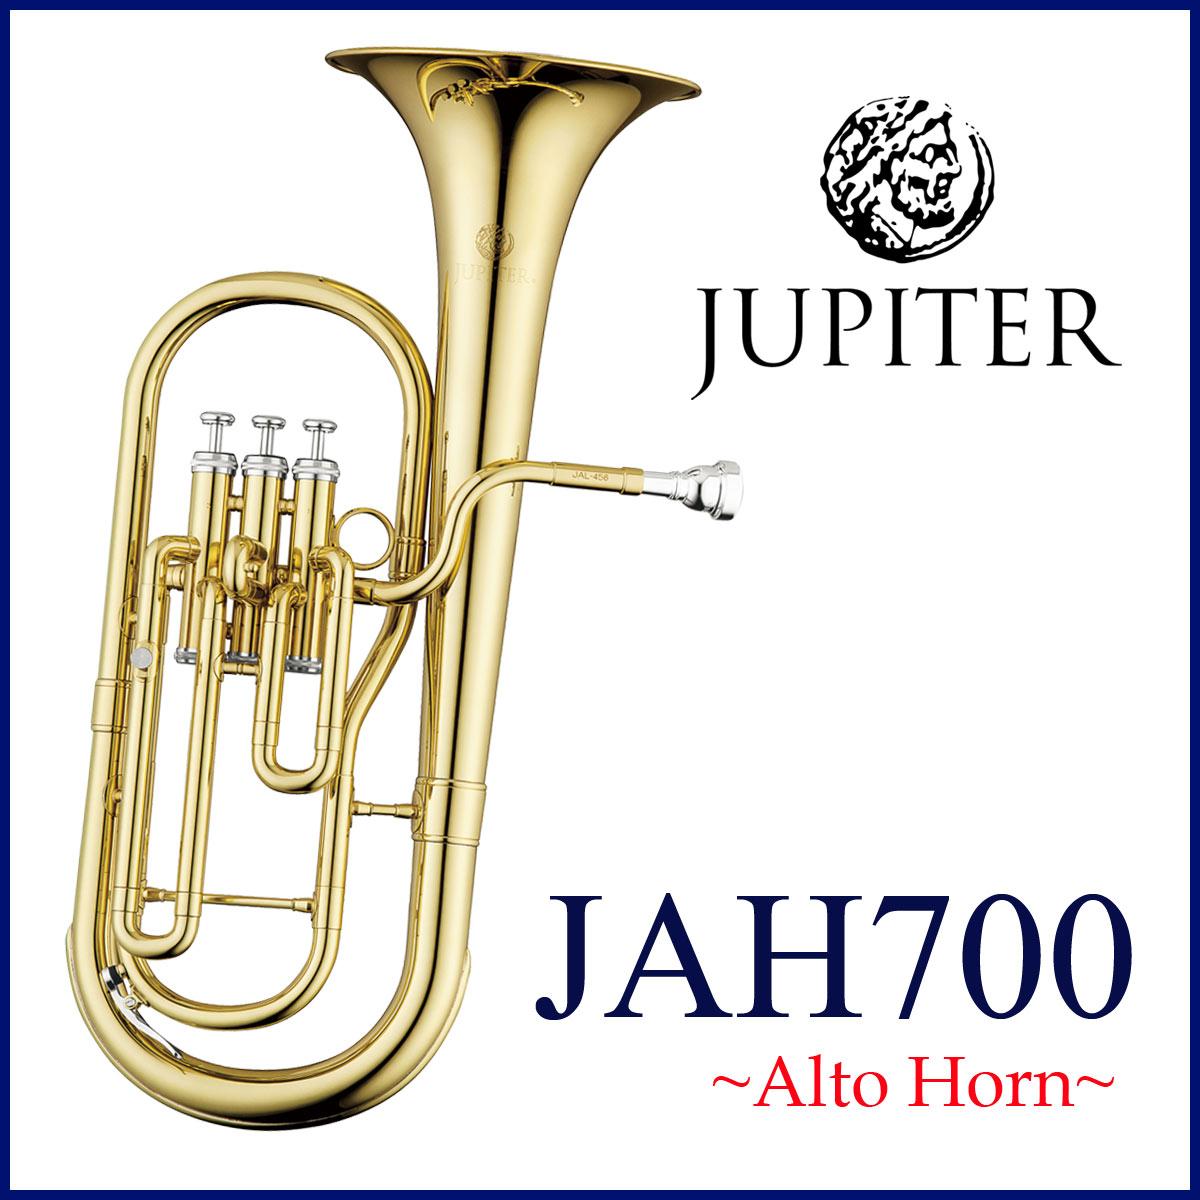 JUPITER / JAH-700 ジュピター AltoHorn アルトホルン ラッカー仕上げ E♭ 《お取り寄せ》